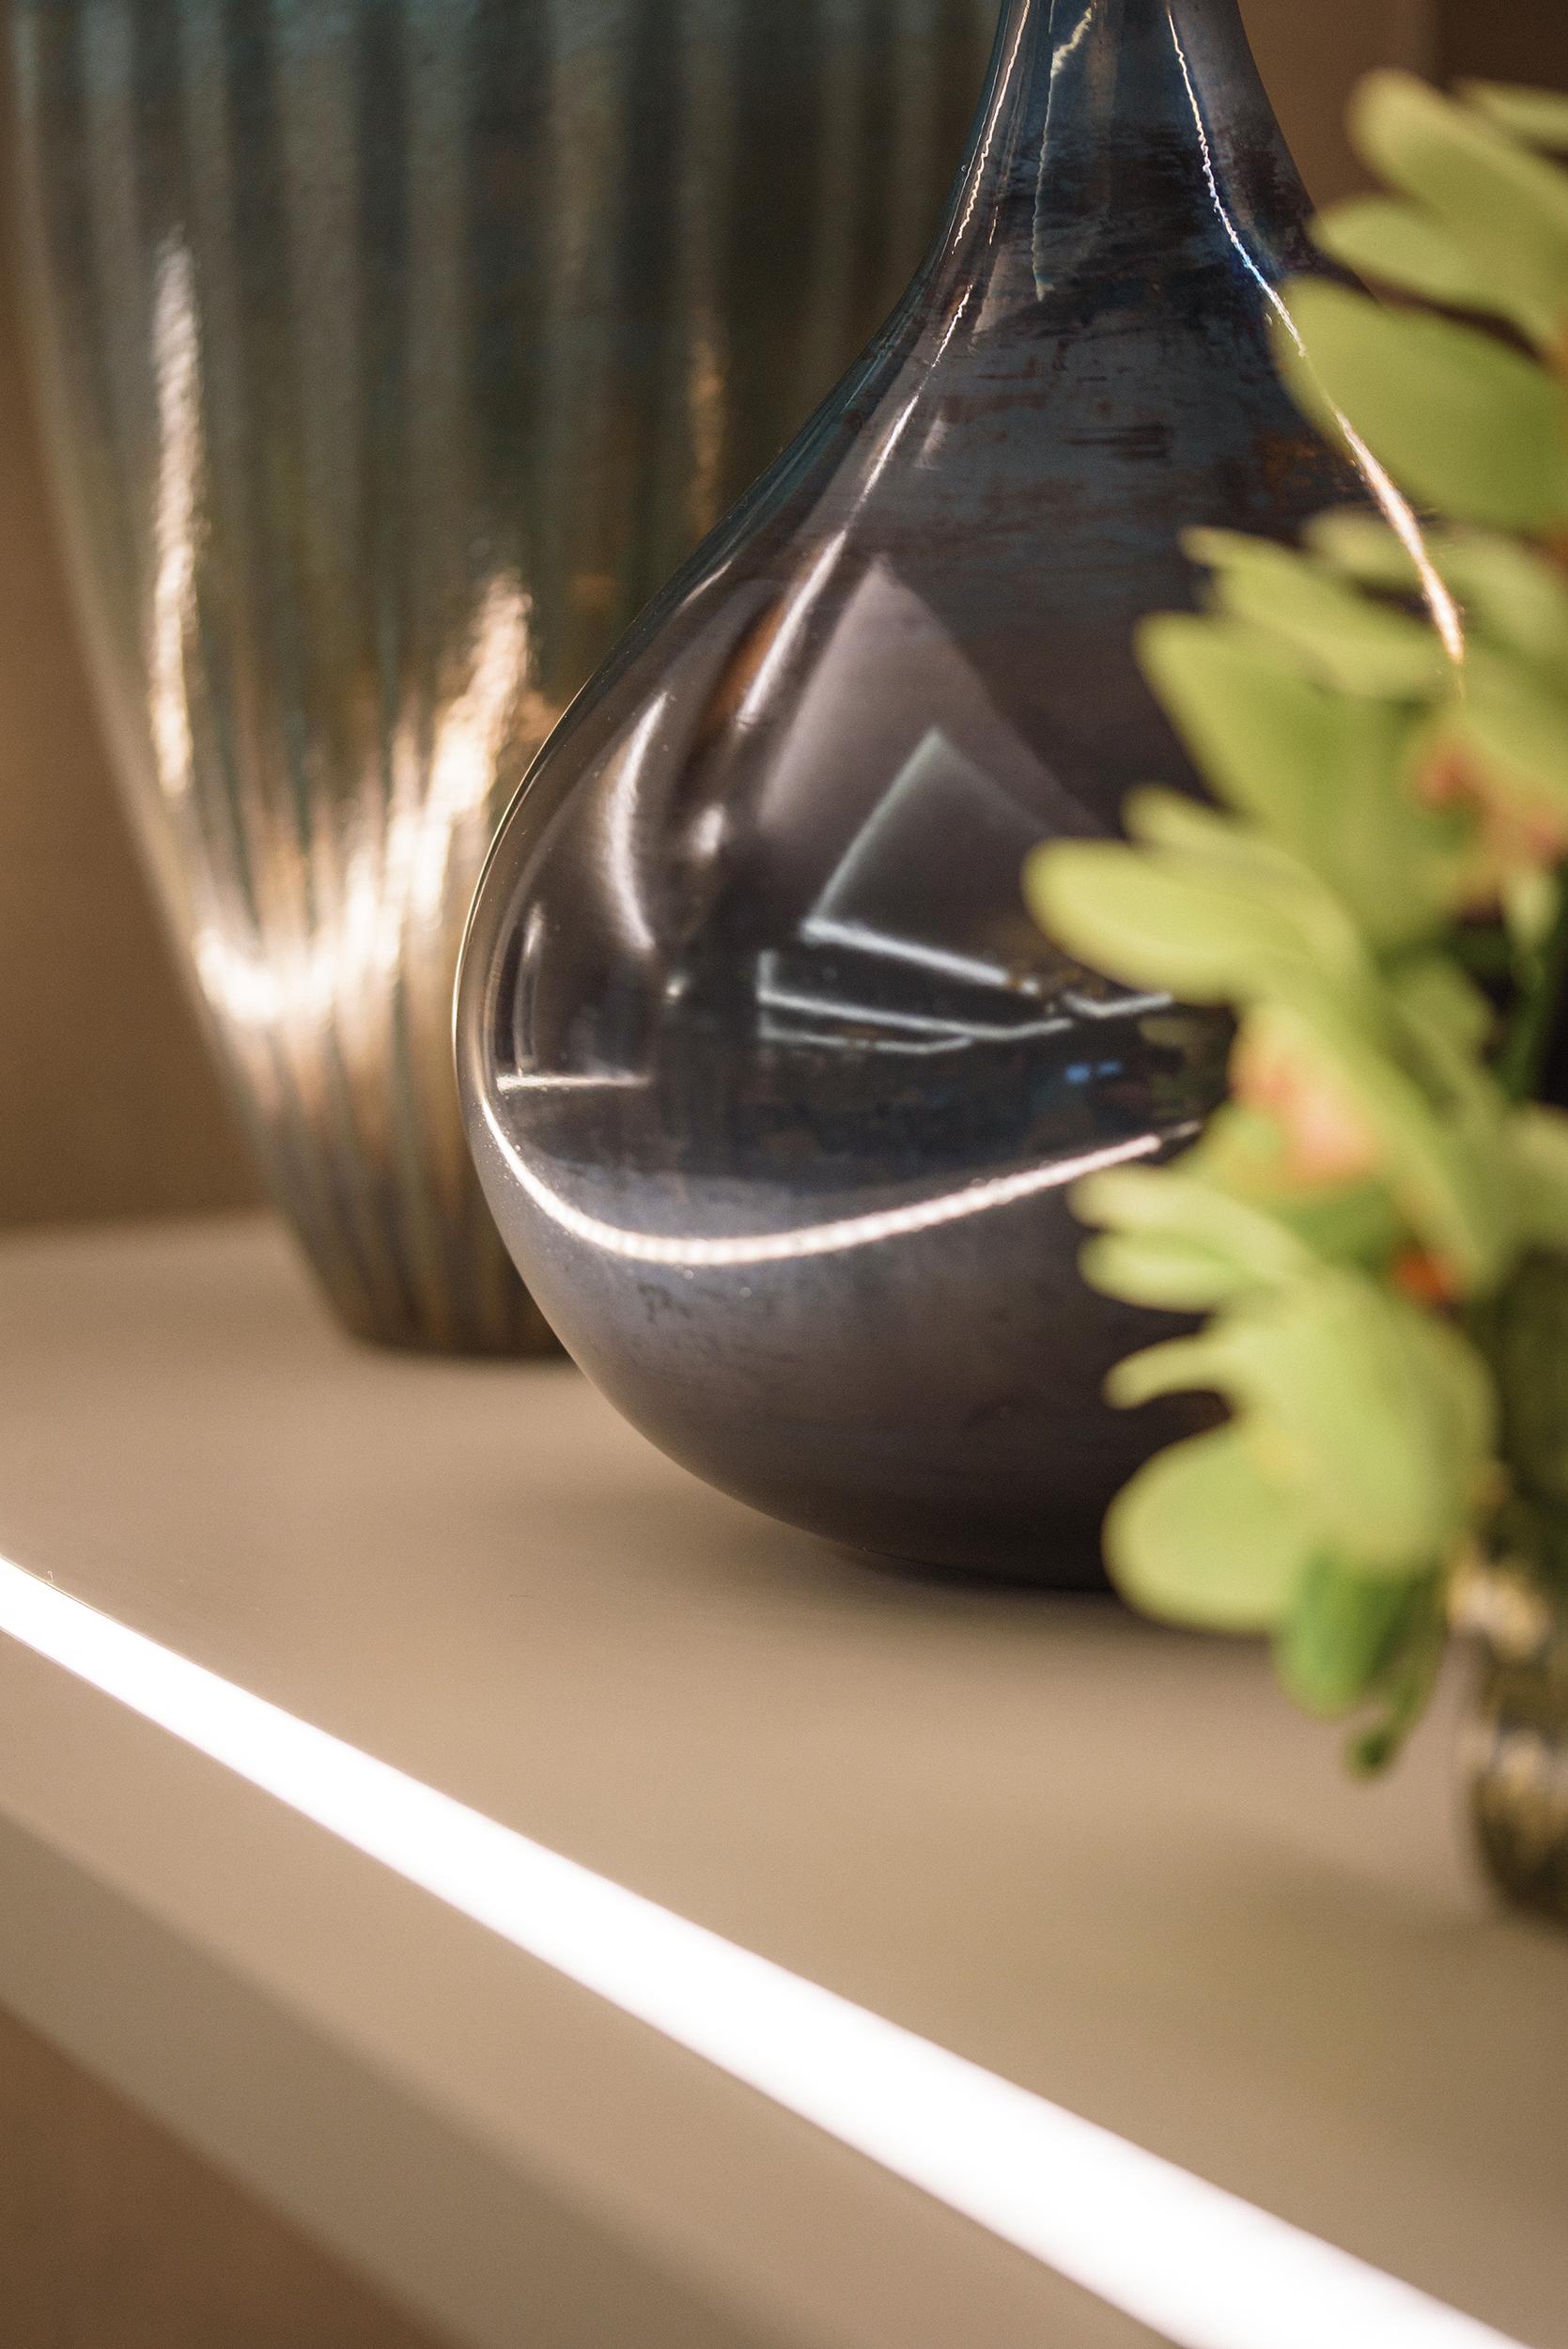 Vases|Room Details